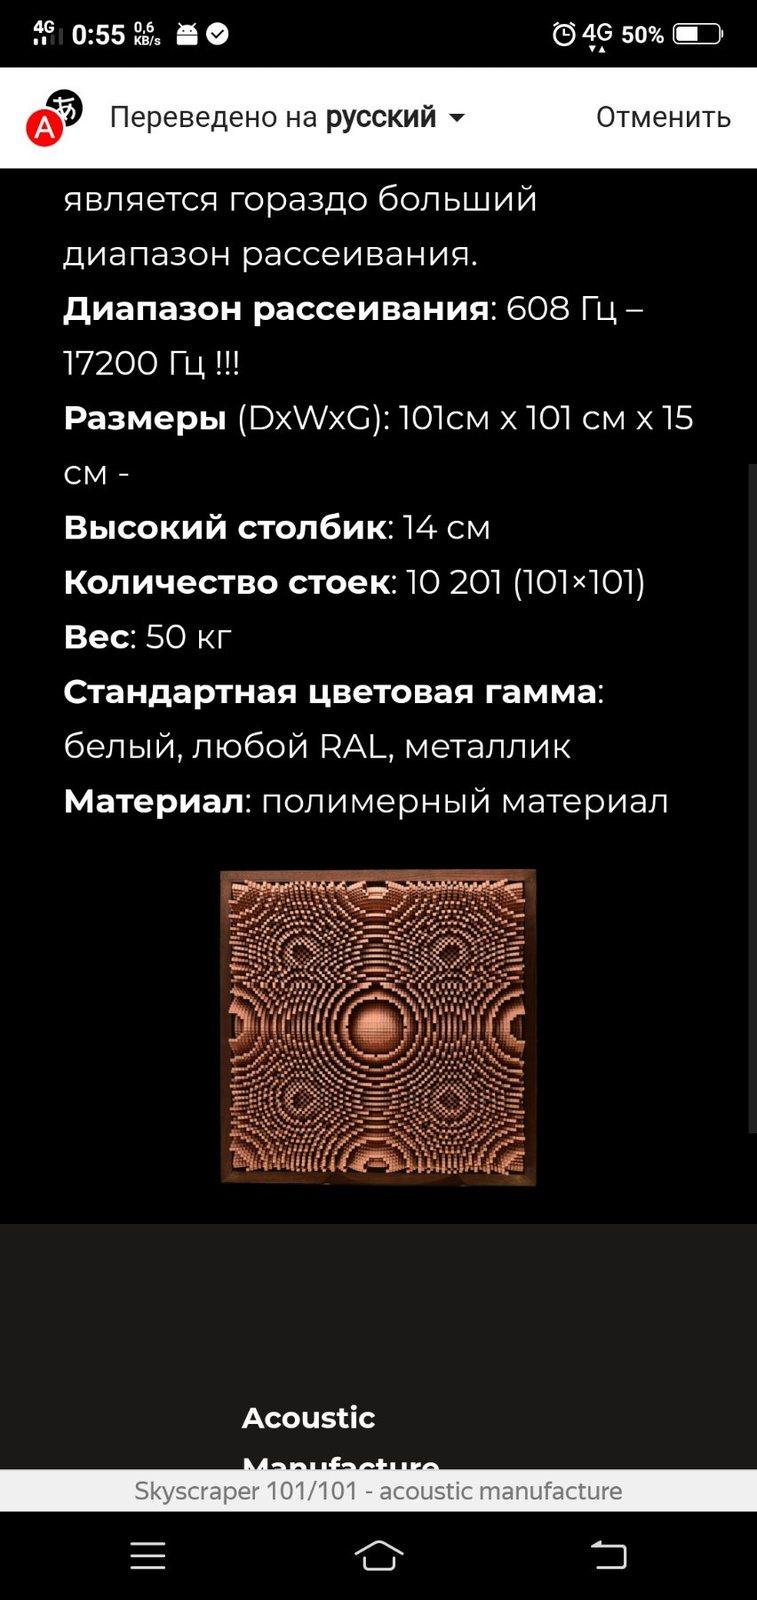 Screenshot_20200428_005557.jpg